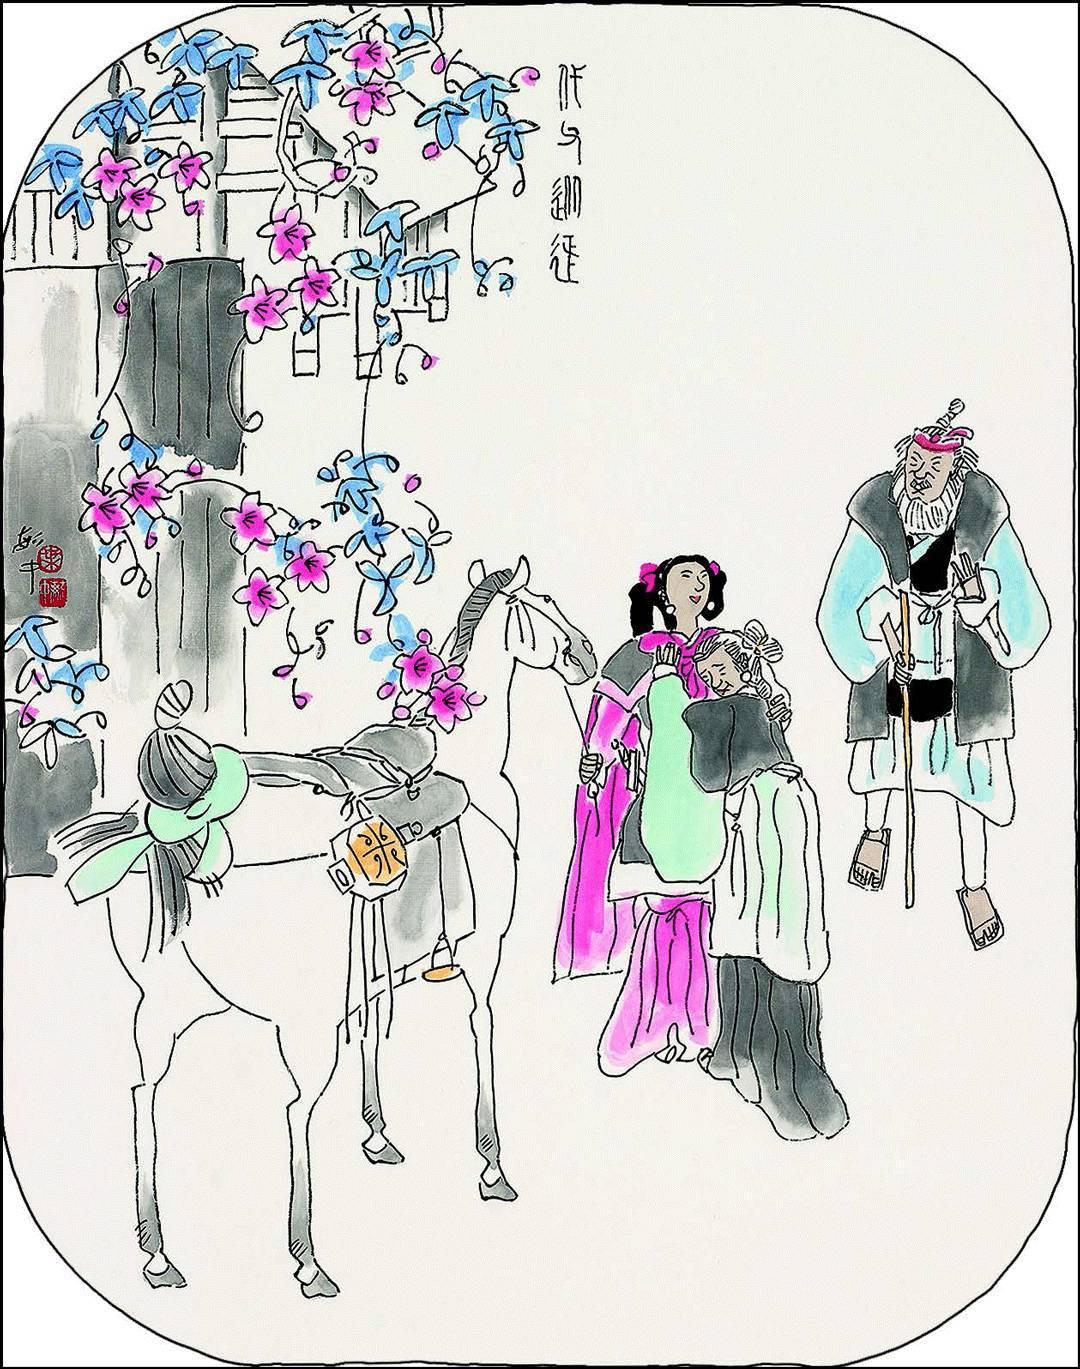 延禧攻略:愉妃临阵反水,揭发纯妃,而皇后越来越做,被打入冷宫